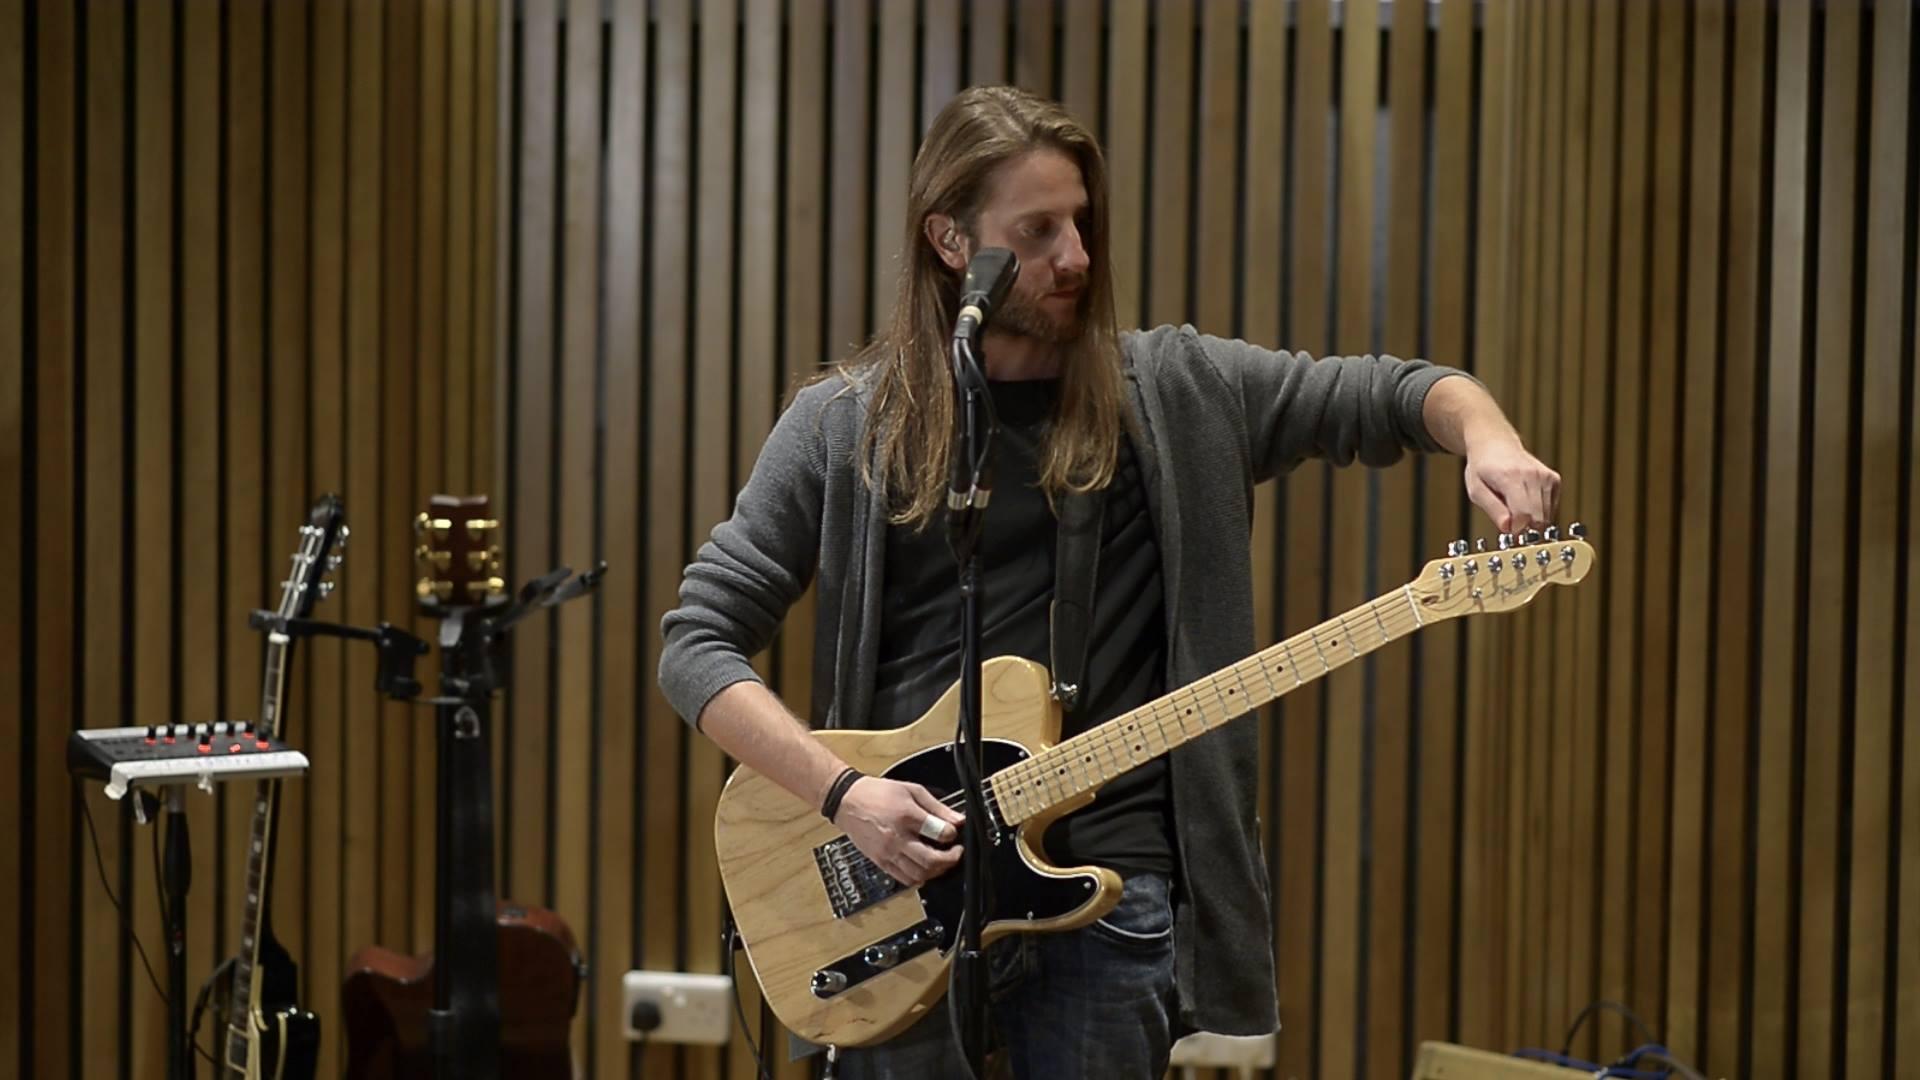 Η Λουβάνα Δίσκοι παρουσιάζει το δεύτερο επεισόδιο της σειράς ζωντανών βίντεο eleven63 Sessions, το οποίο φιλοξενεί τον Λαρνακιώτη Κωνσταντίνο Λεμέσιο και την μπάντα του